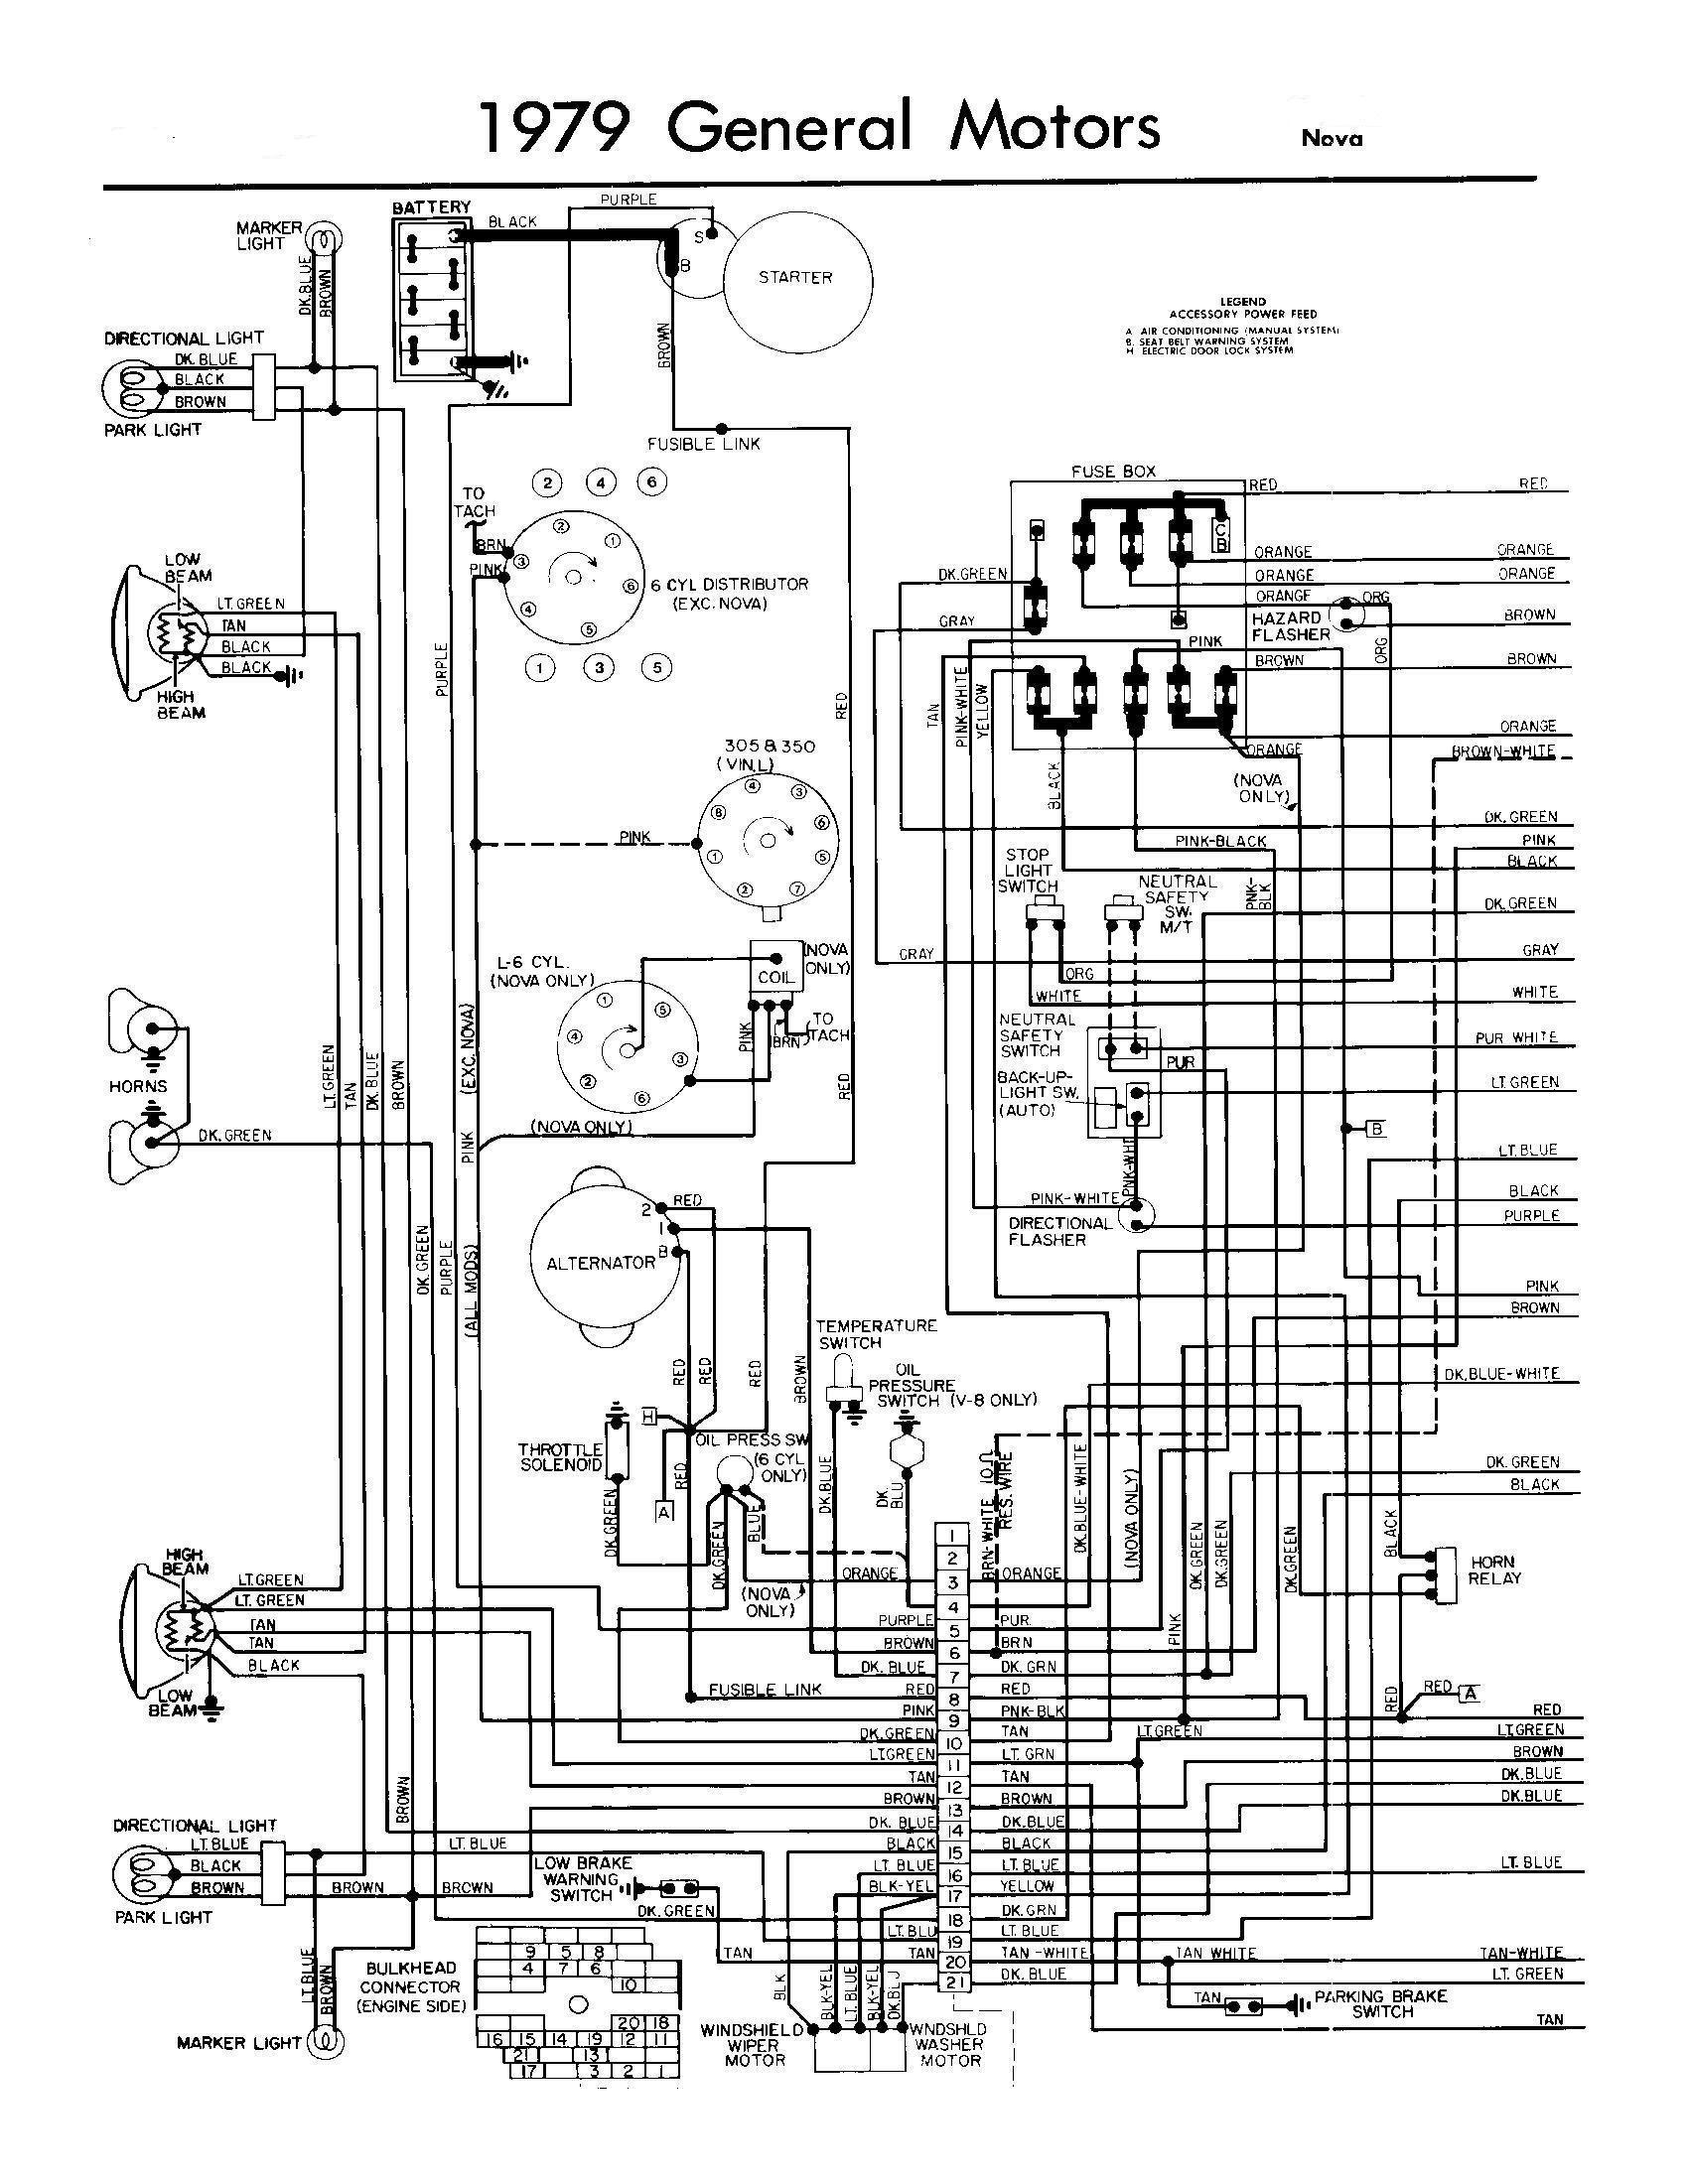 Jumper Cables Diagram All Generation Wiring Schematics Chevy Nova forum Of Jumper Cables Diagram